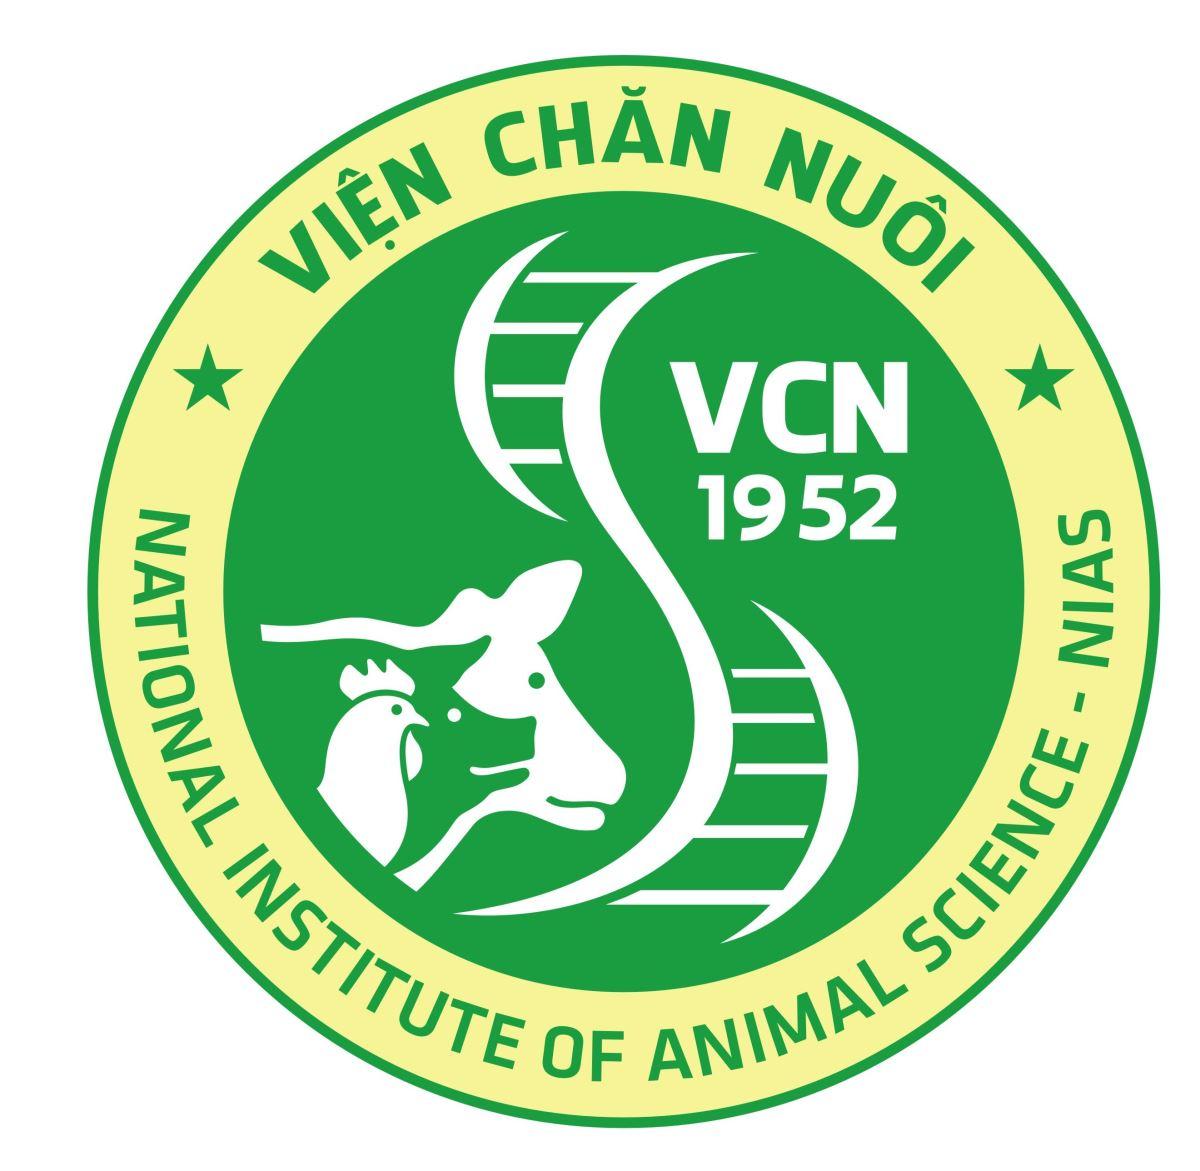 Công thông tin điện tử Viện chăn nuôi